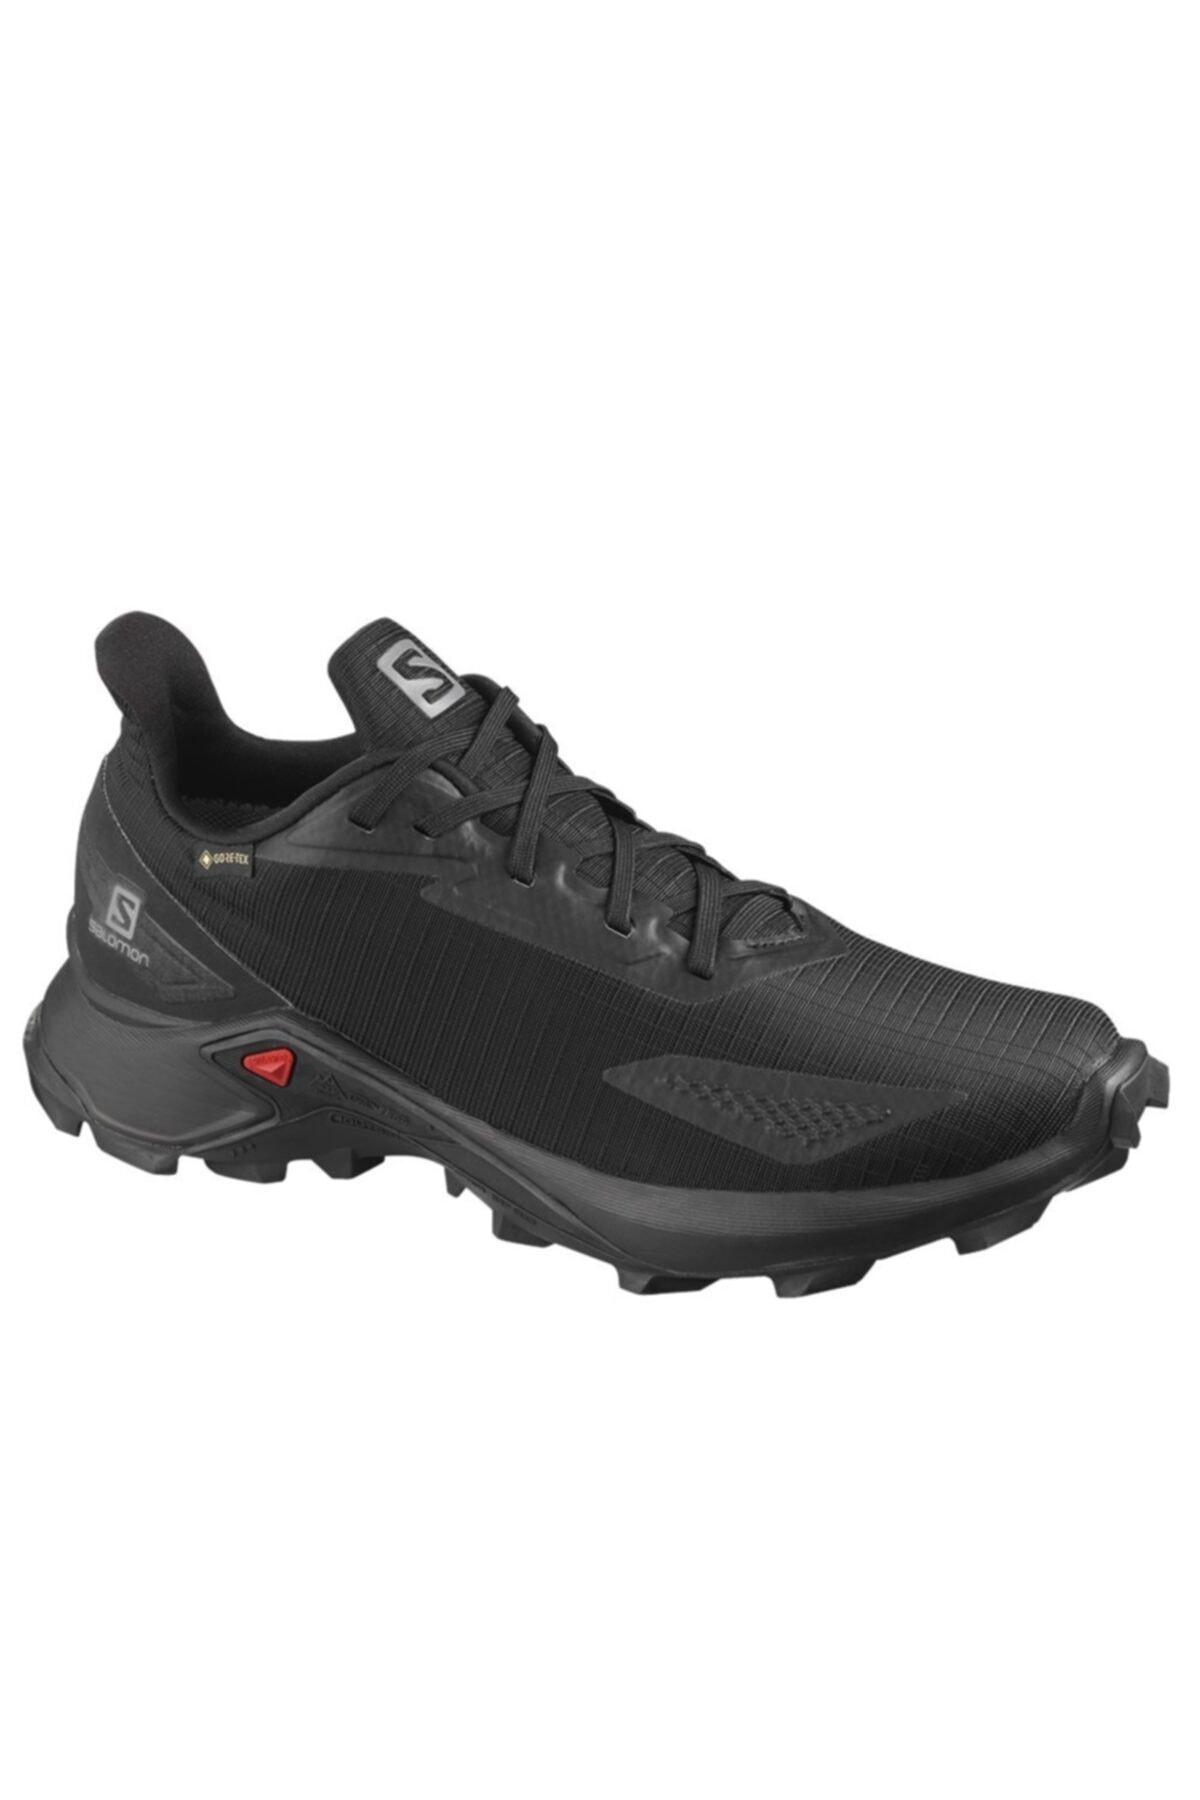 Salomon Alphacross Blast Gtx Kadın Outdoor Ayakkabı L41106300 1